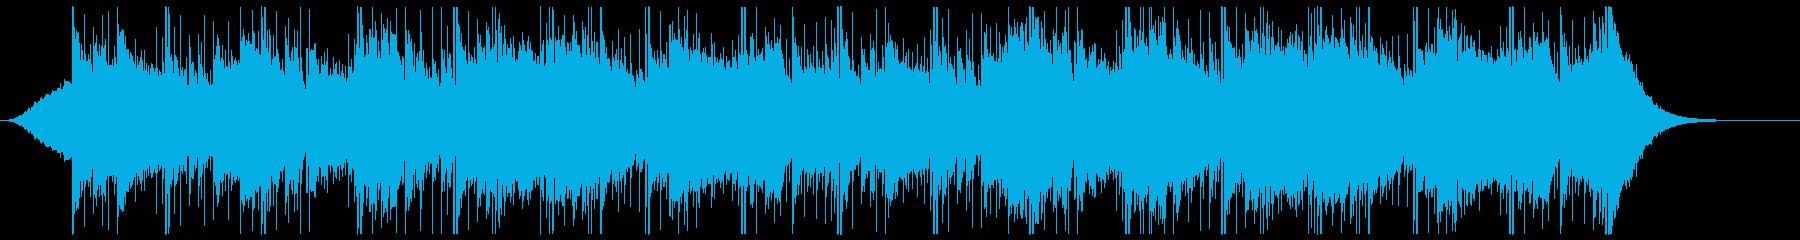 透明感のあるピアノバラードの再生済みの波形